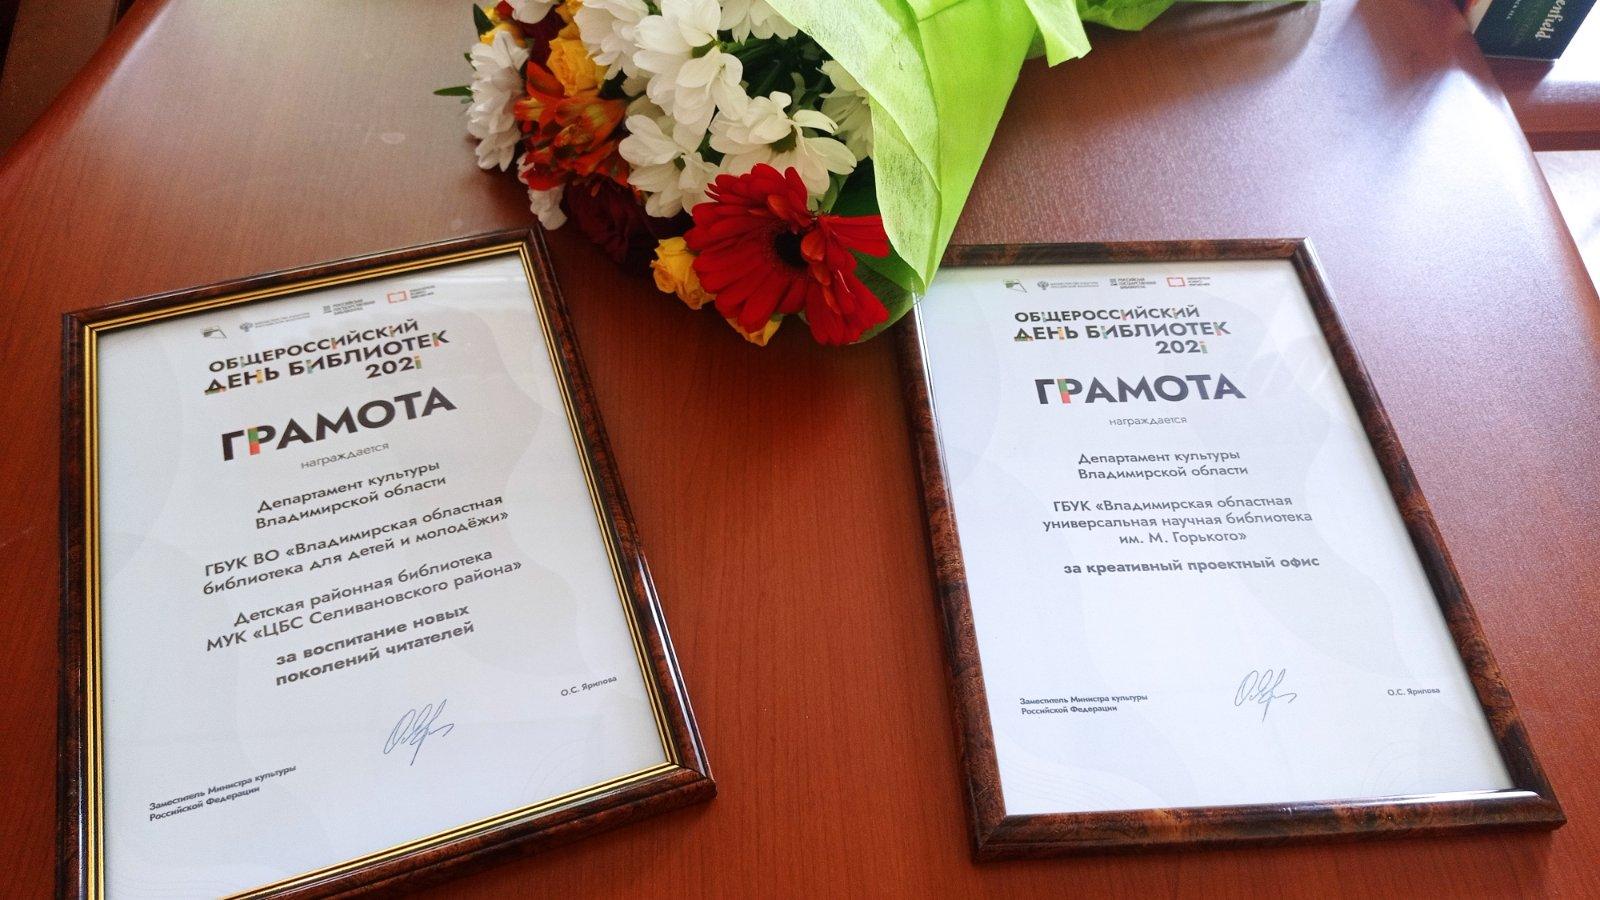 Библиотека получила награду. Грамоты от Министерства культуры